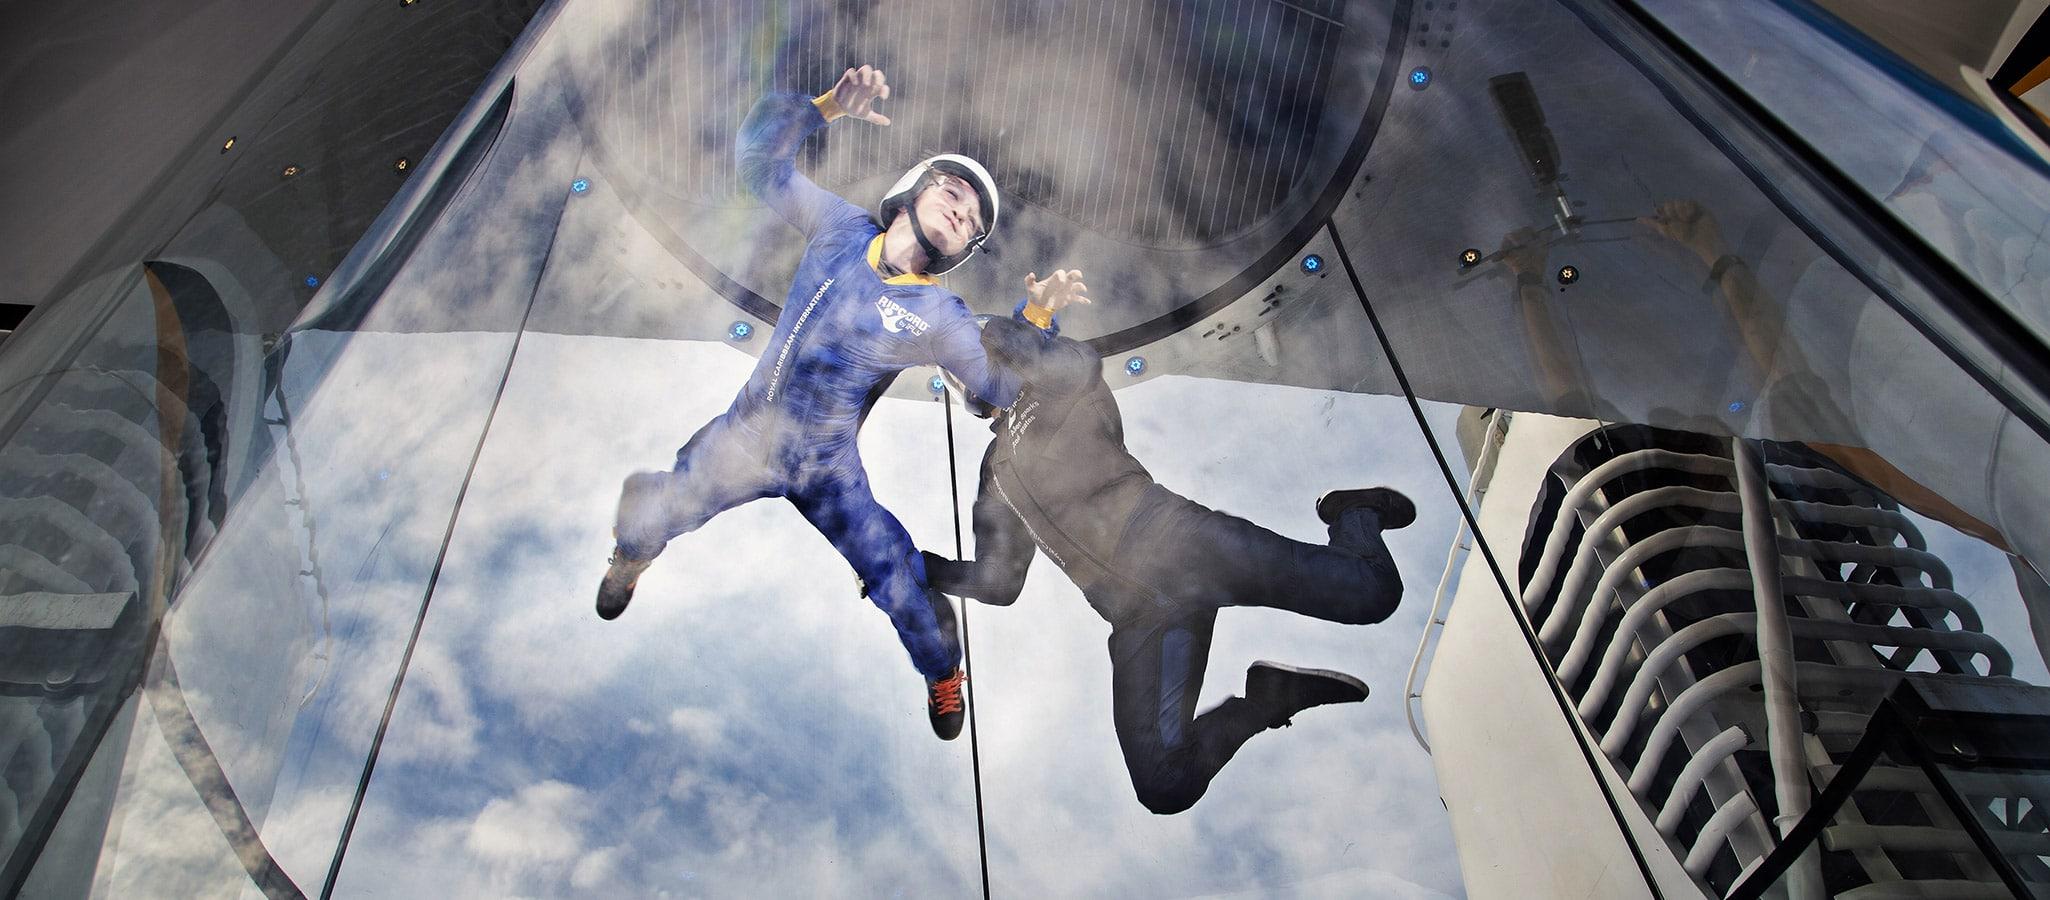 Ein Riesenspaß - und eine einzigartige Gelegenheit: Indoor Skydiving.